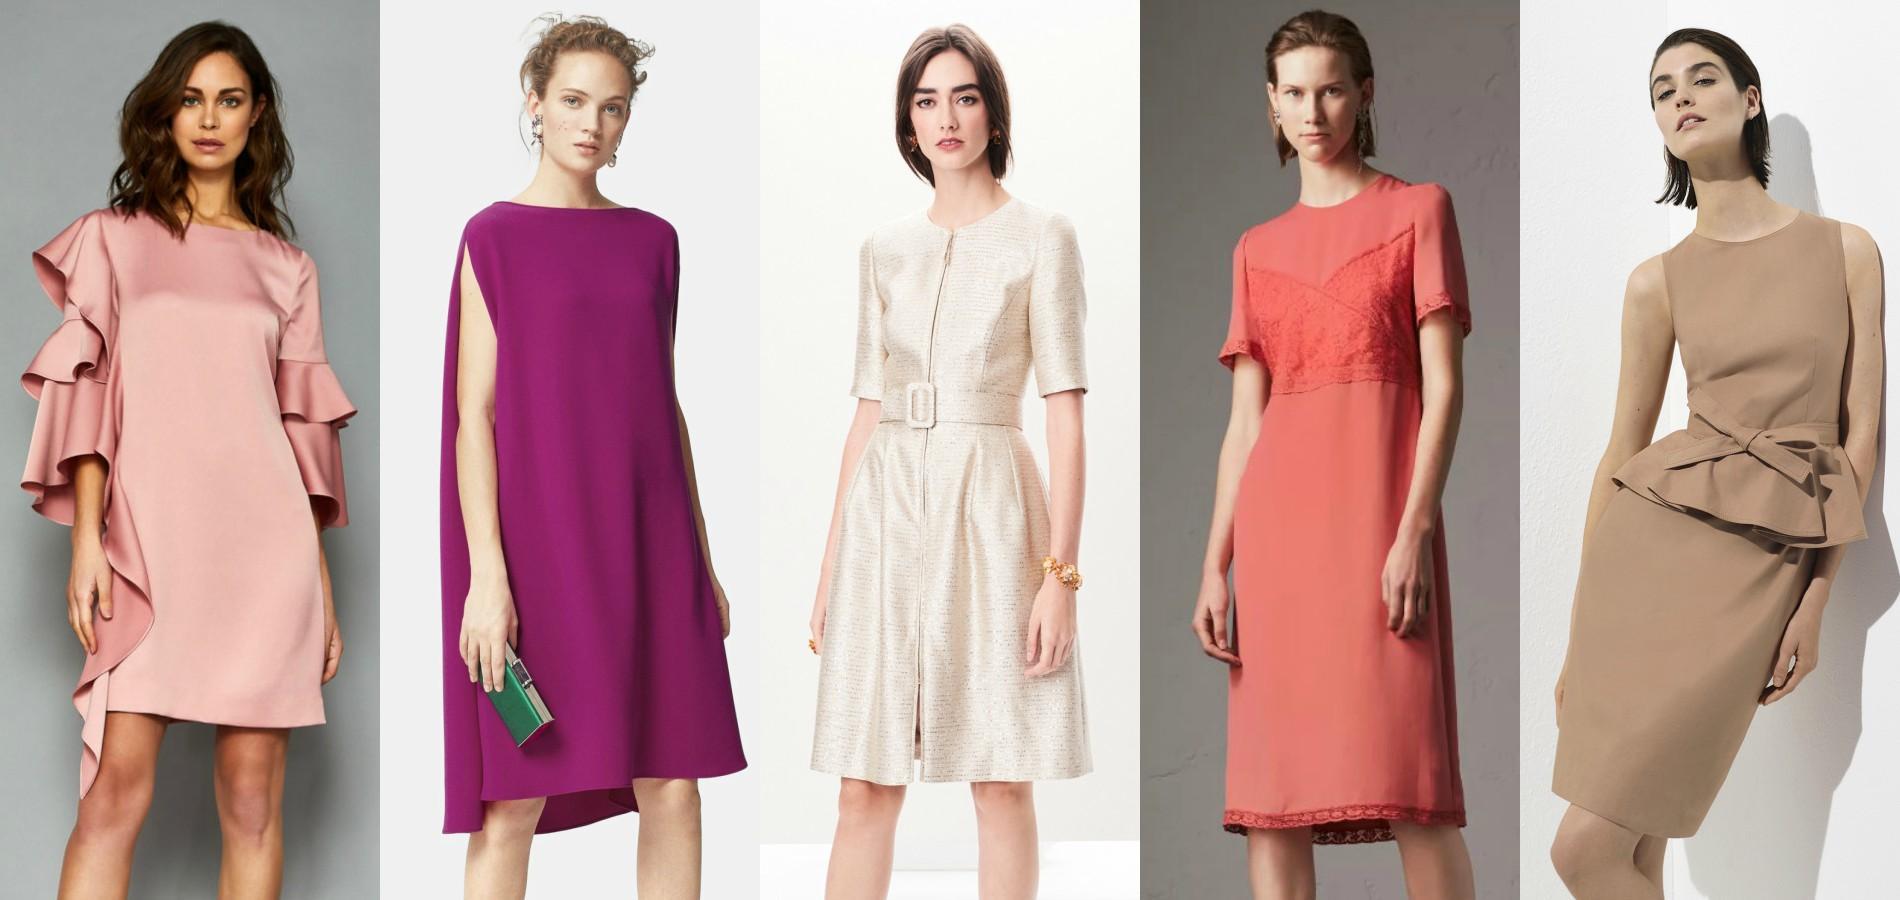 dd16b80c7a1c Comment s habiller quand on est la mère du ou de la marié(e)   - Madame  Figaro